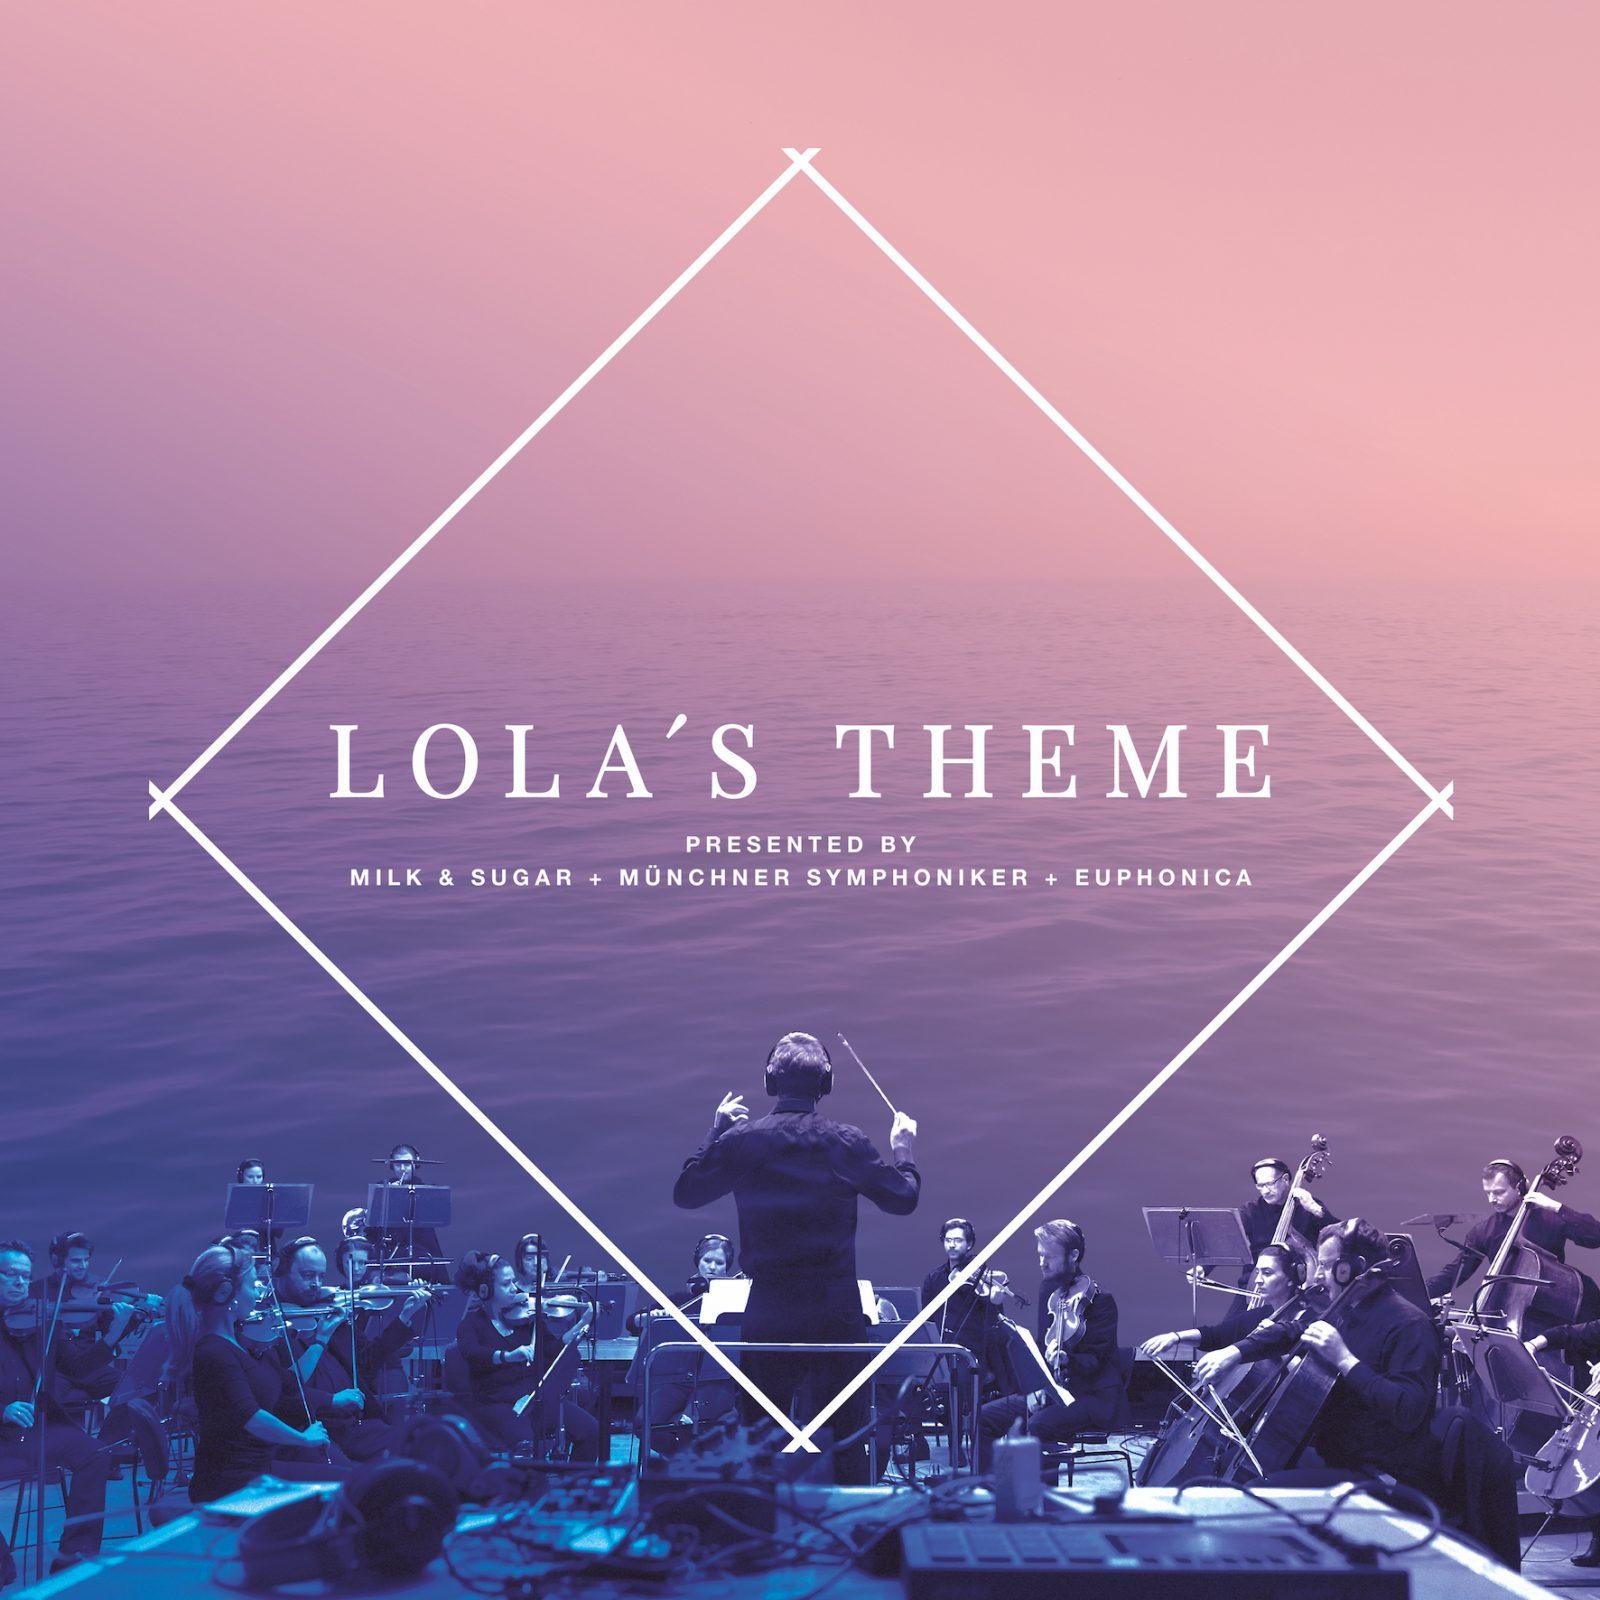 Lola's Theme präsentiert von Milk & Sugar, den Münchner Symphonikern und Euphonica